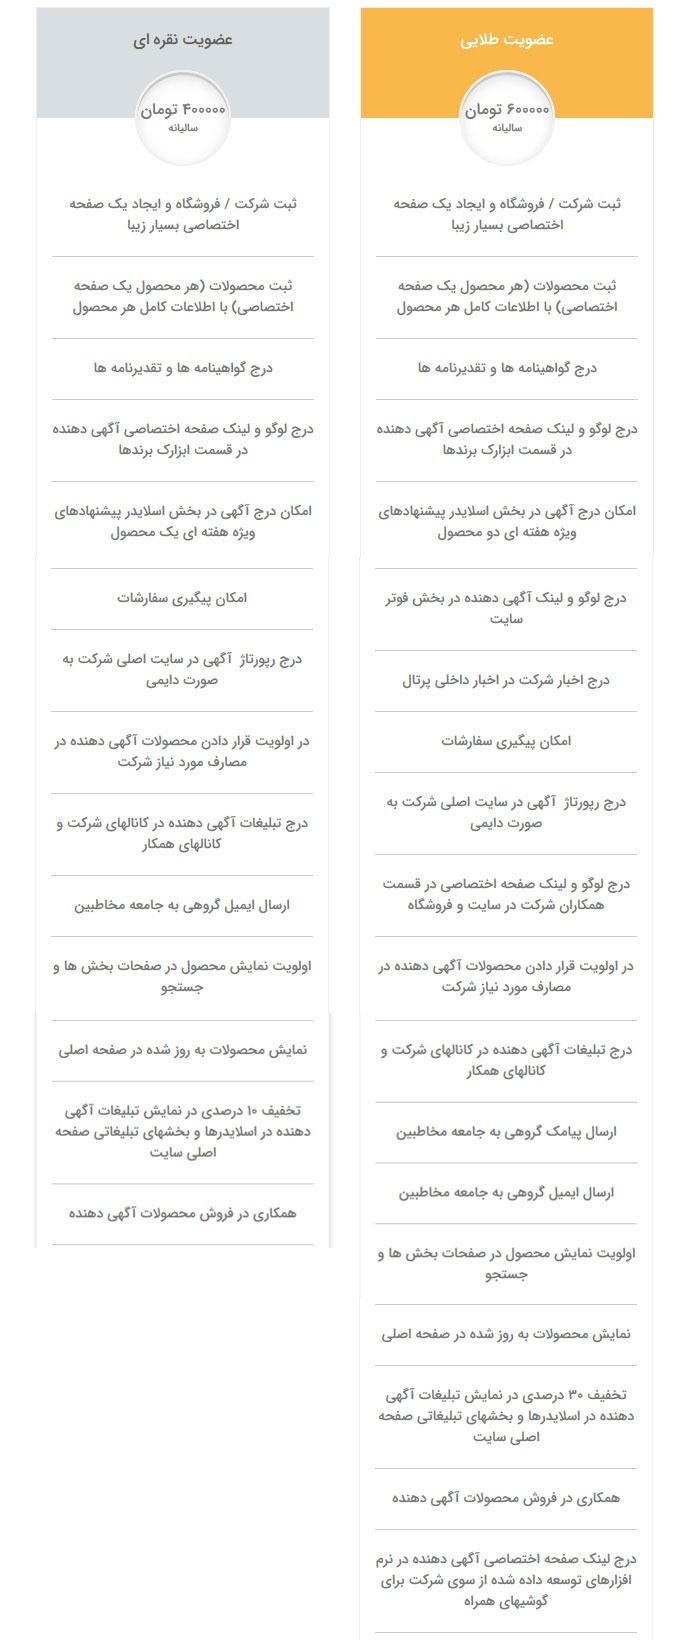 پلن های عضویت ویژه در سایت فارمر شاپ